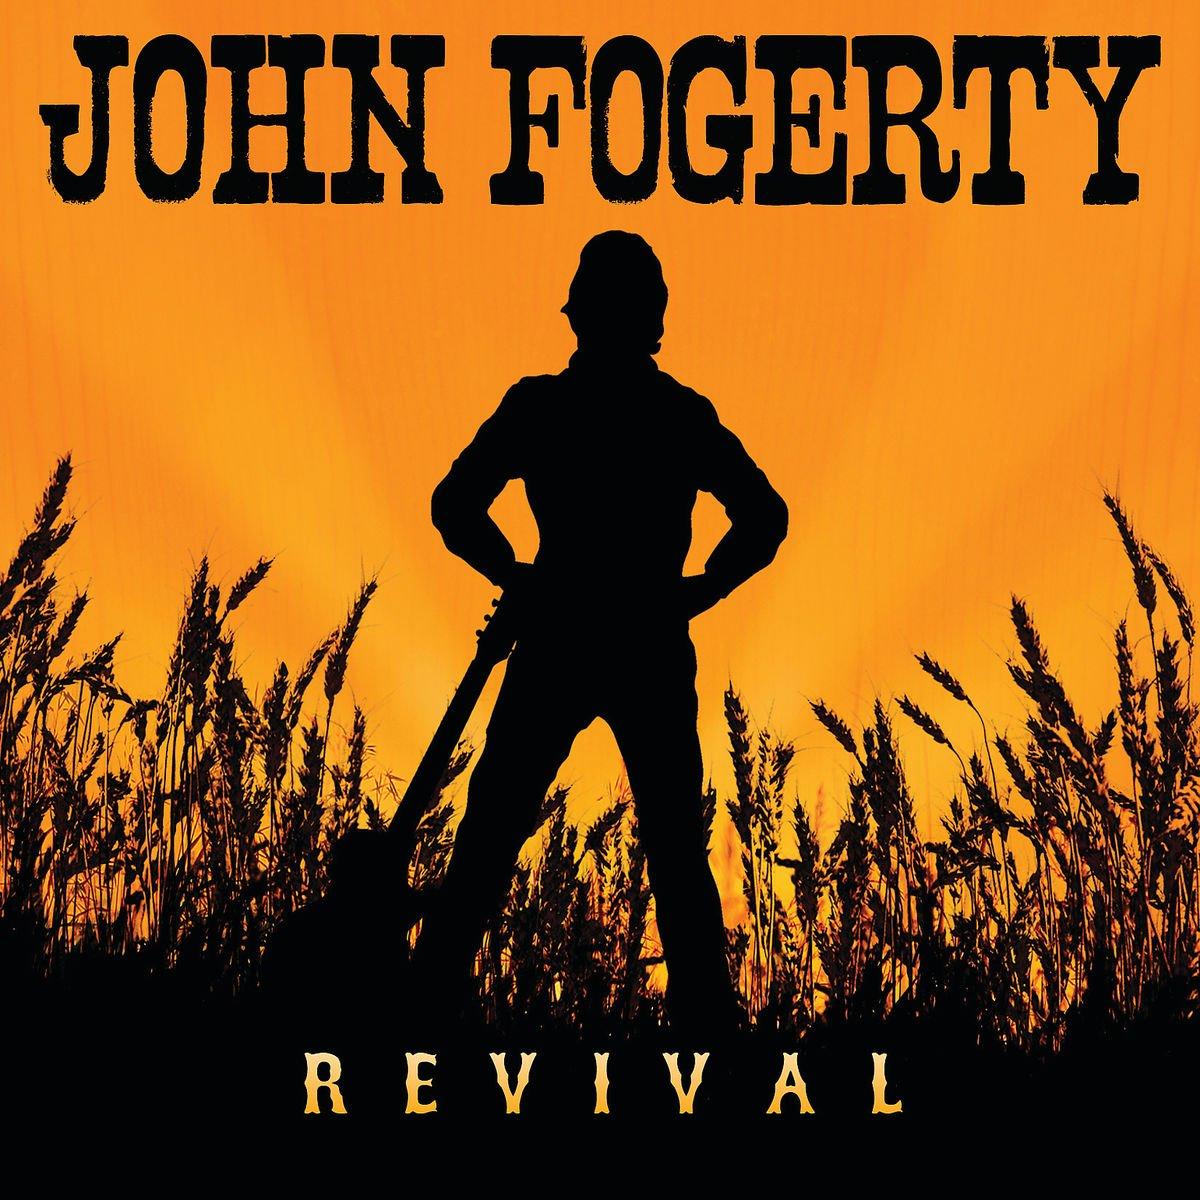 лучшая цена Джон Фогерти John Fogerty. Revival